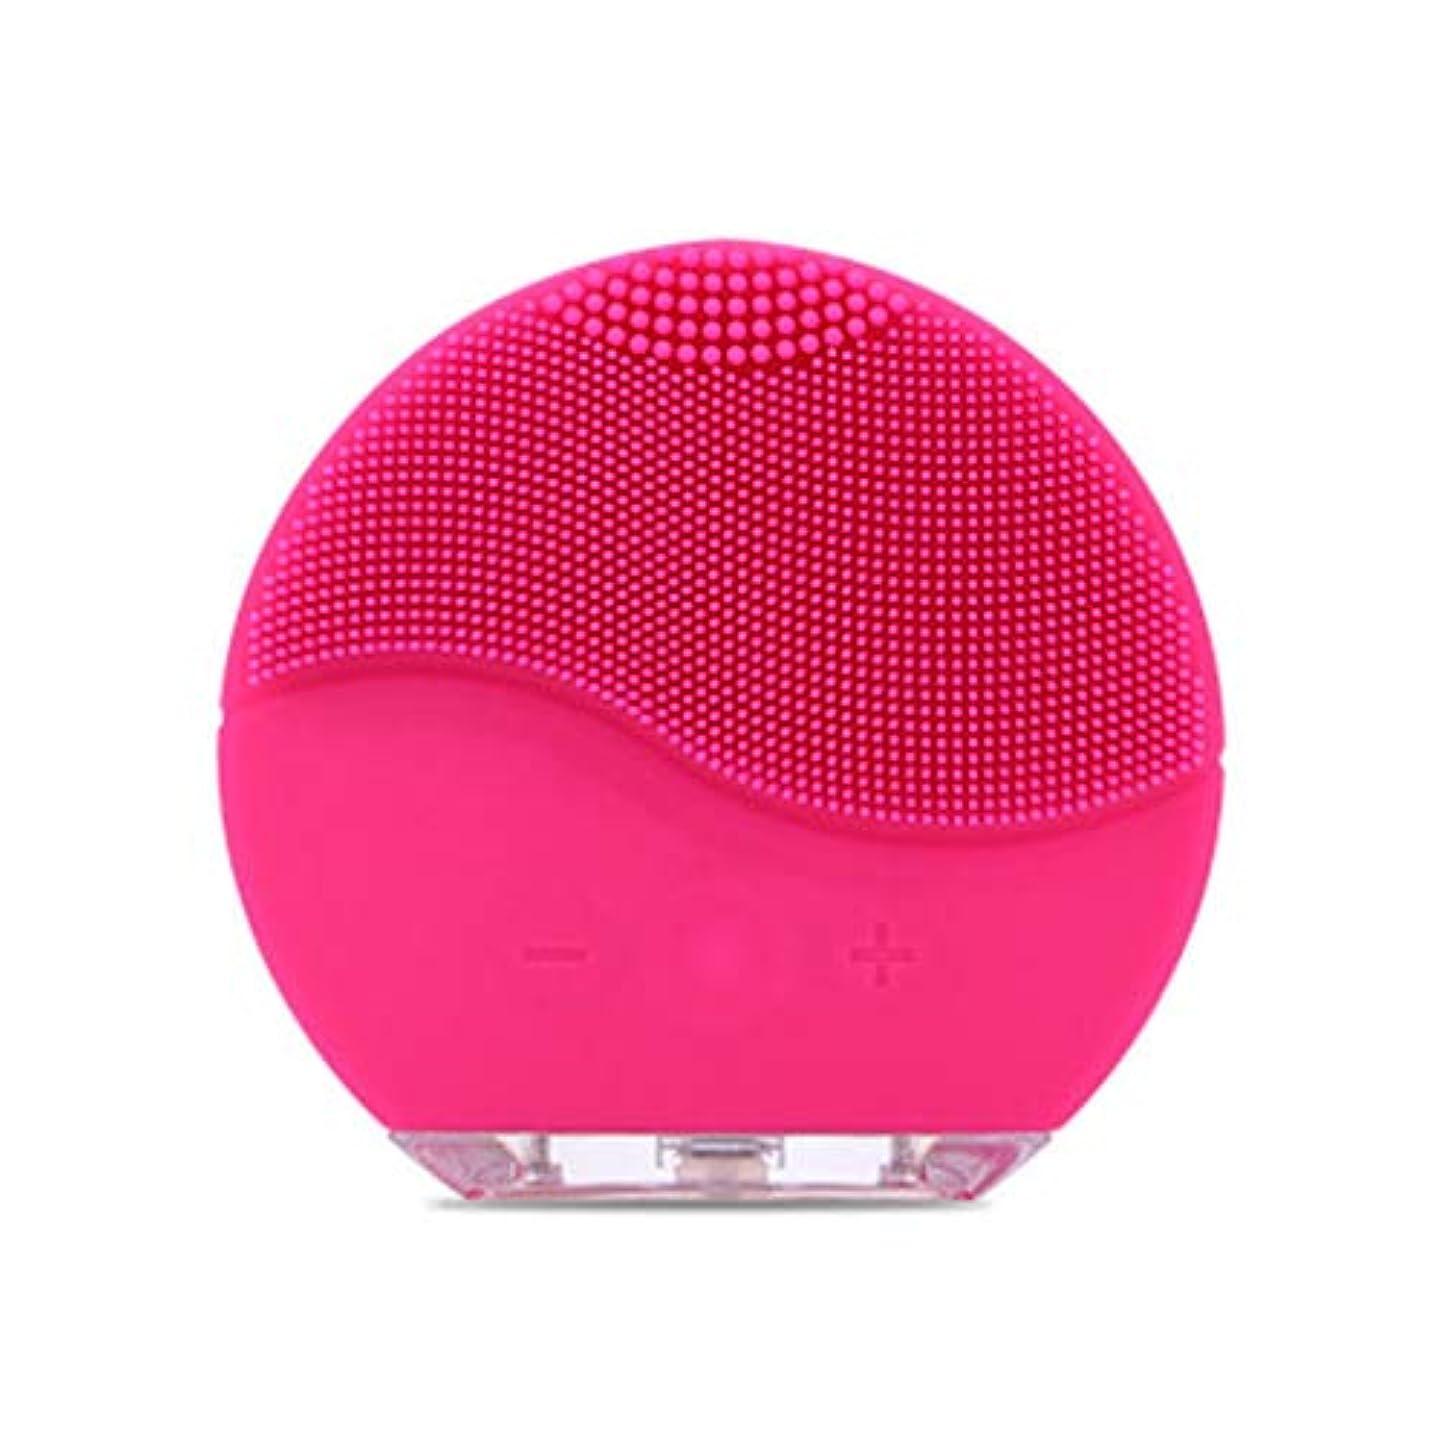 困ったハウススキッパーQi フェイシャルクレンザーブラシ、電気フェイシャルミニシリコン防水超音波ポアクリーンインストゥルメントフェイススキンケアスパマッサージャー GQ (色 : A)